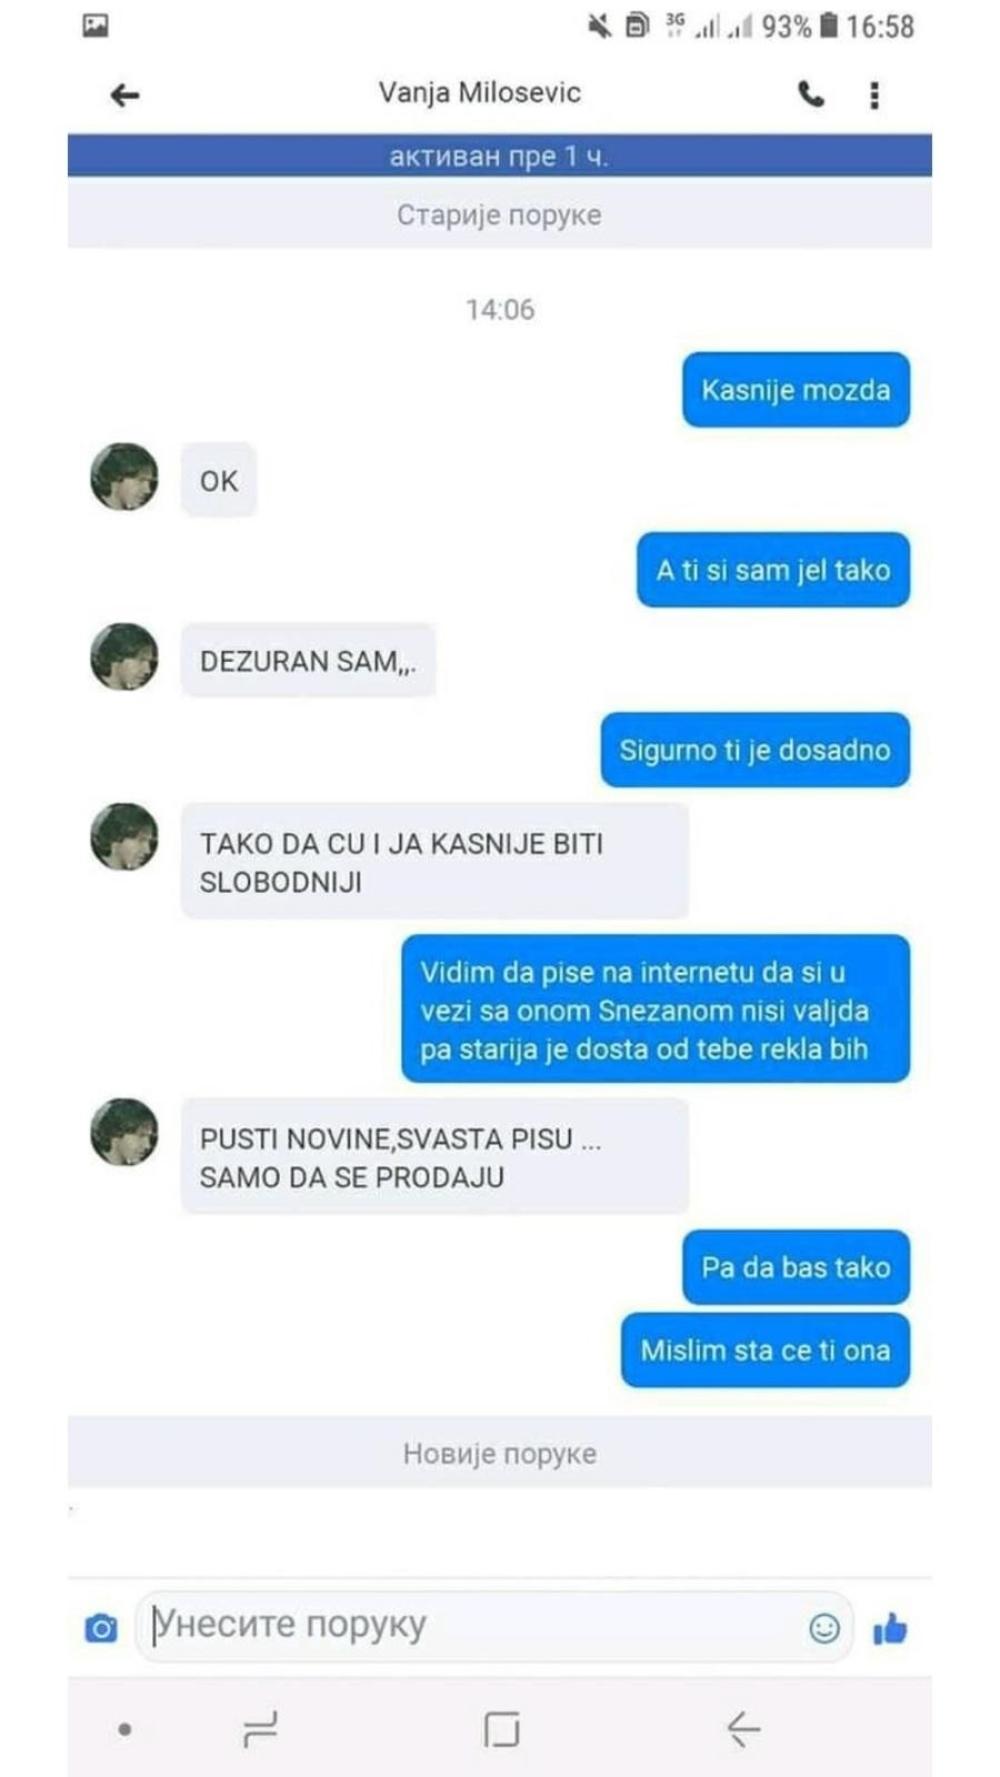 Internetsko upoznavanje prva poruka momku